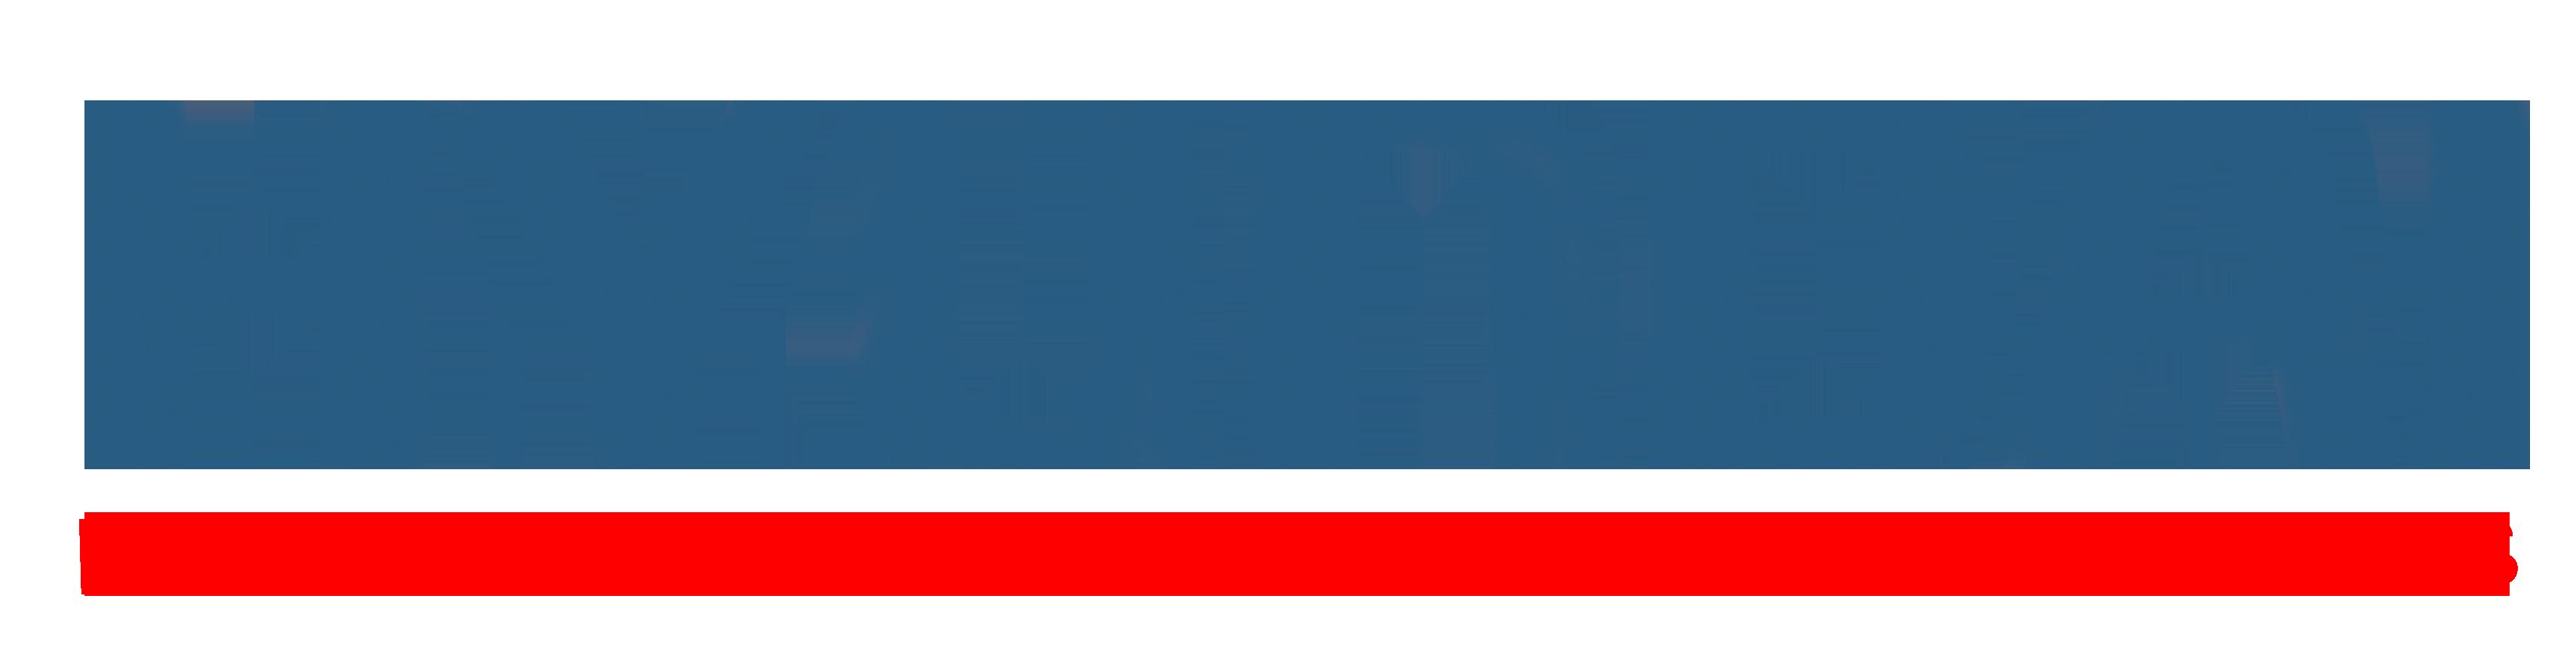 HYD-logo.png